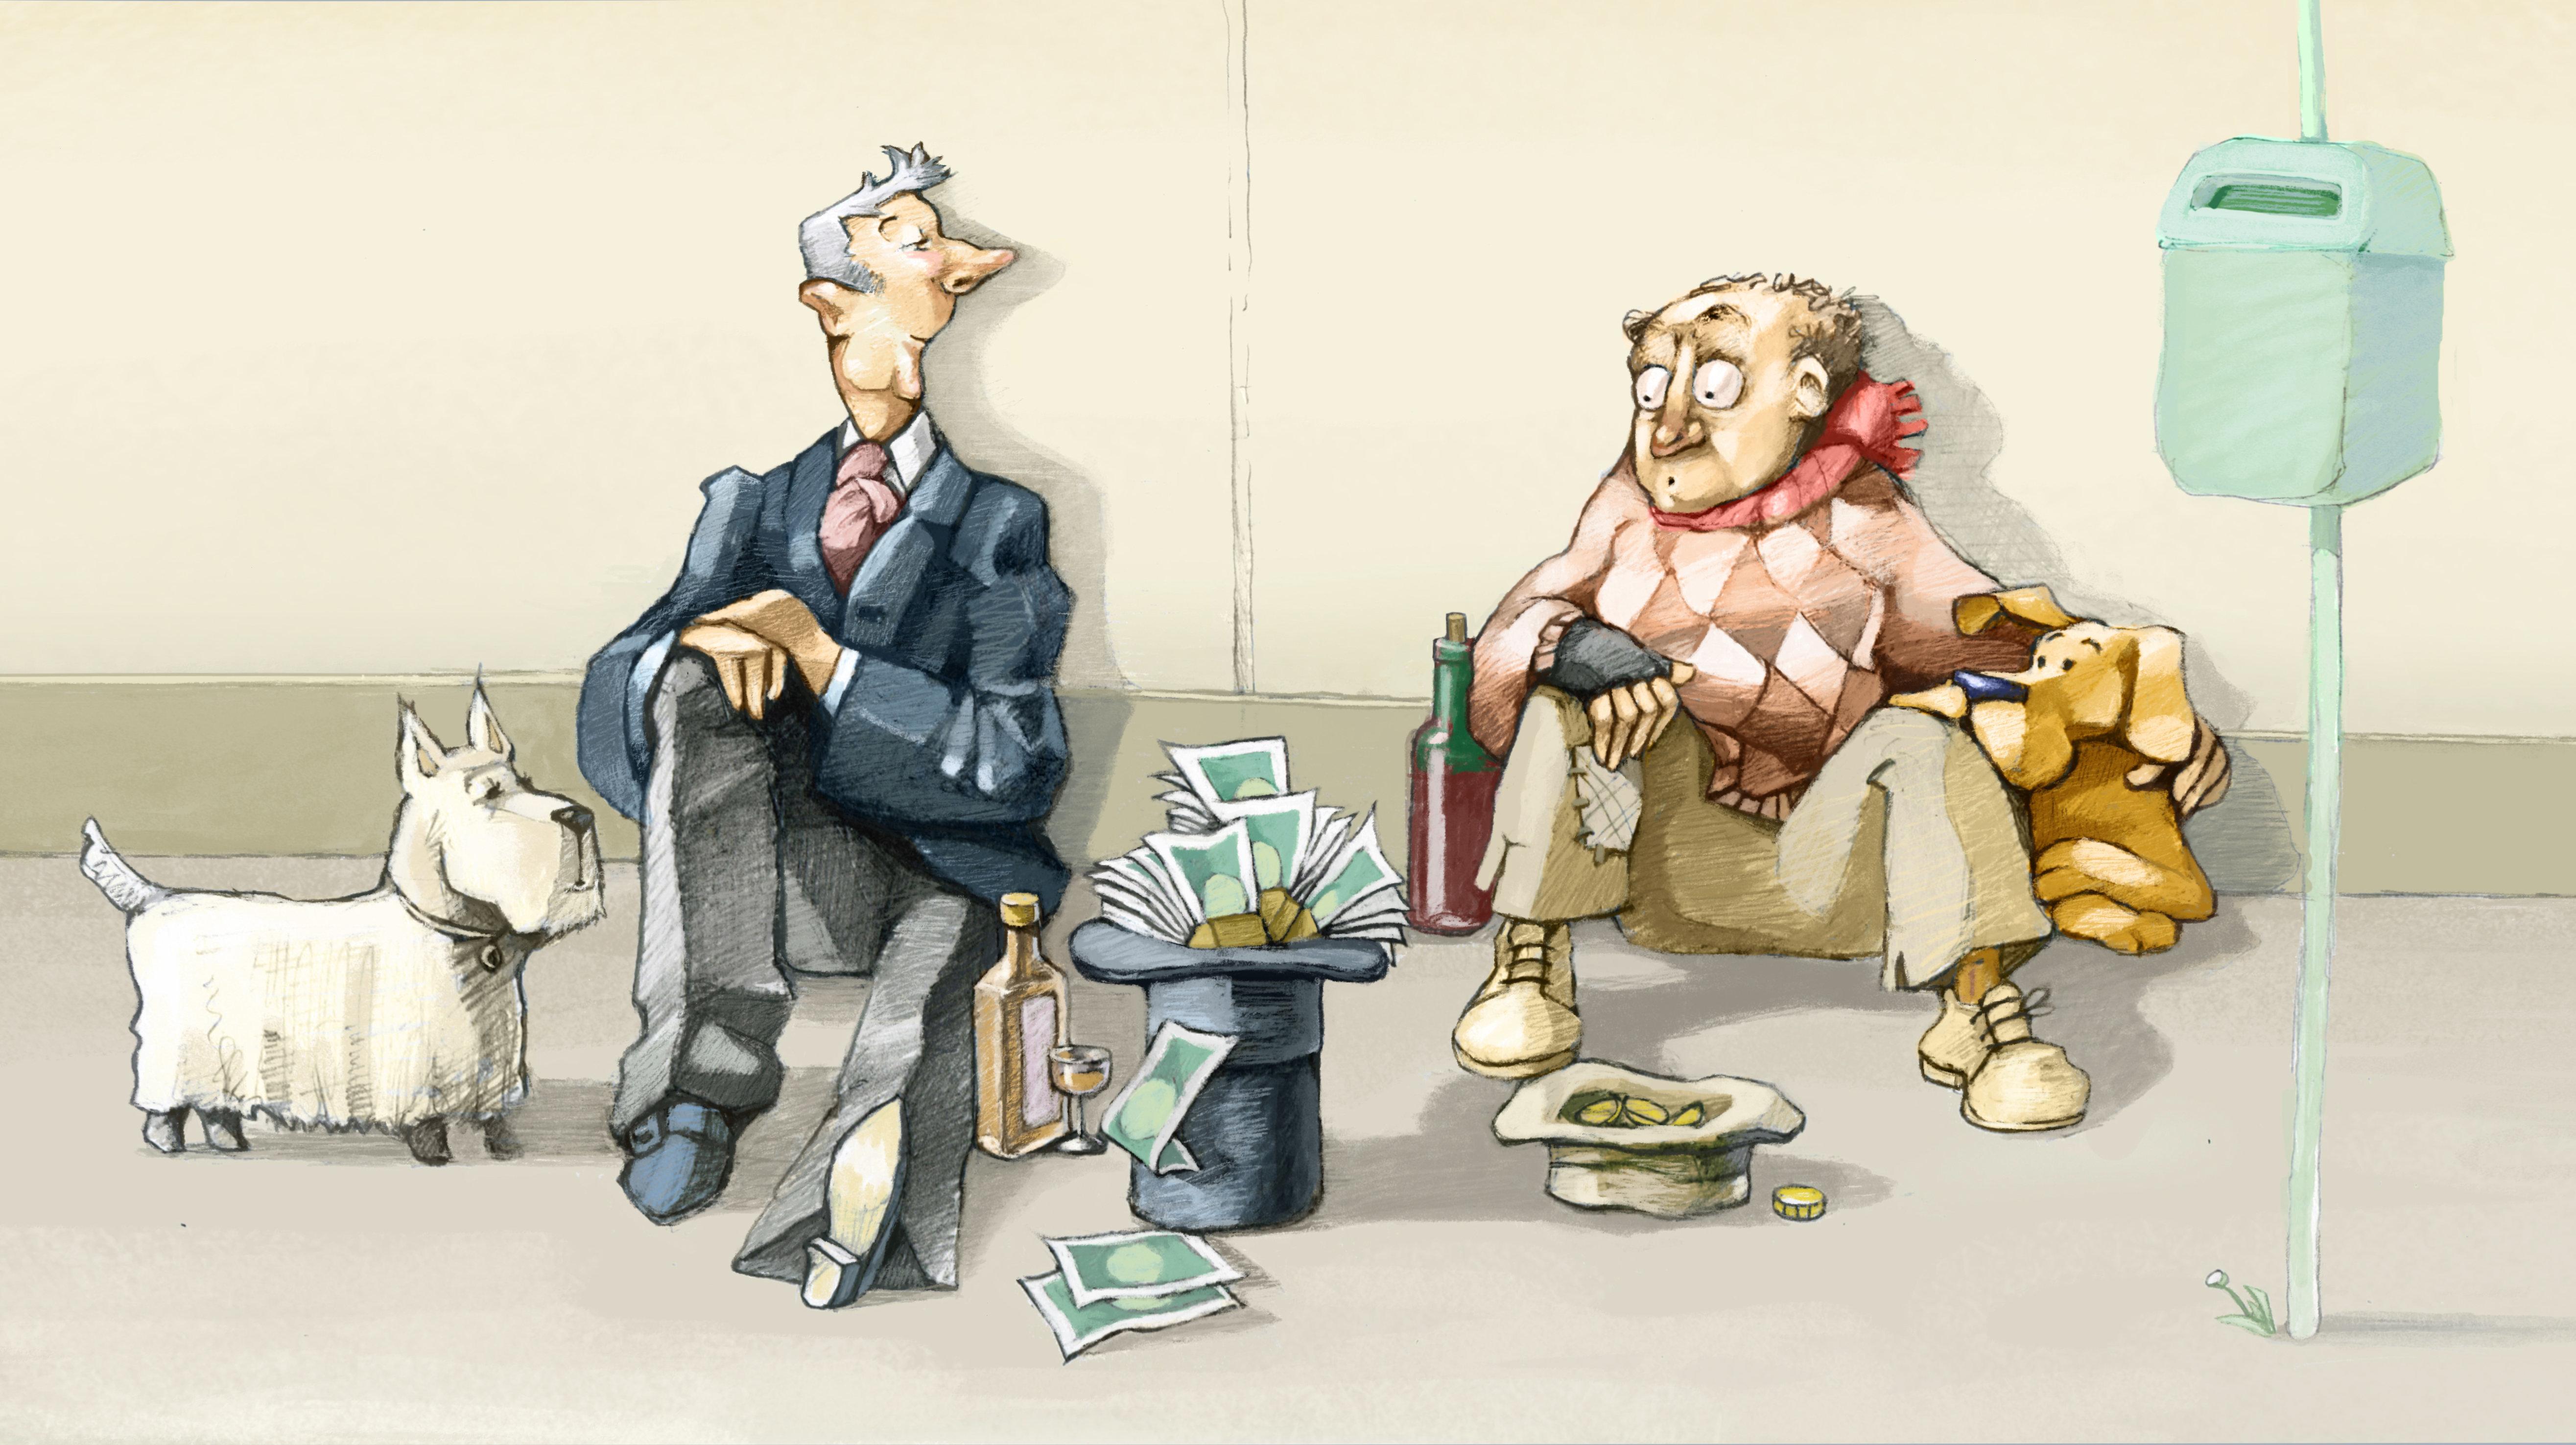 Οι περιουσίες των Γερμανών μεγαλώνουν αλλά ο πλούτος κατανέμεται όλο και πιο